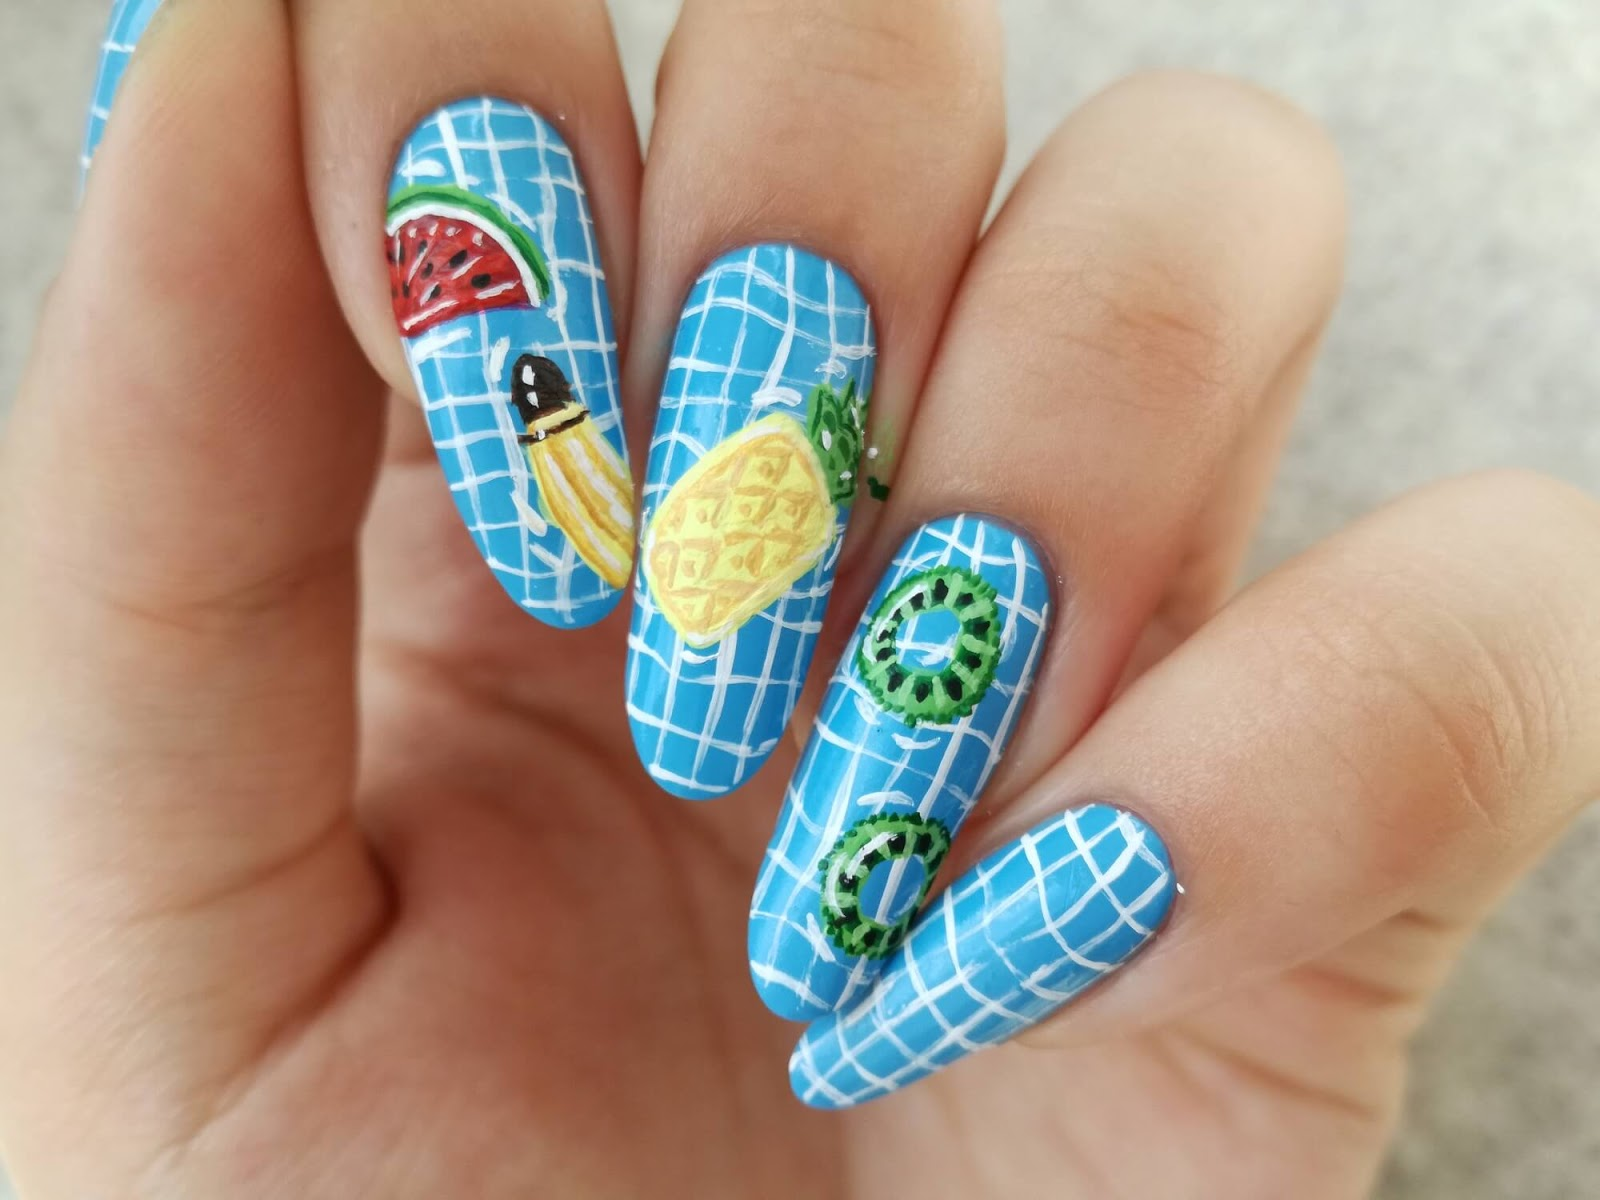 owocki na paznokciach prawie gotowe